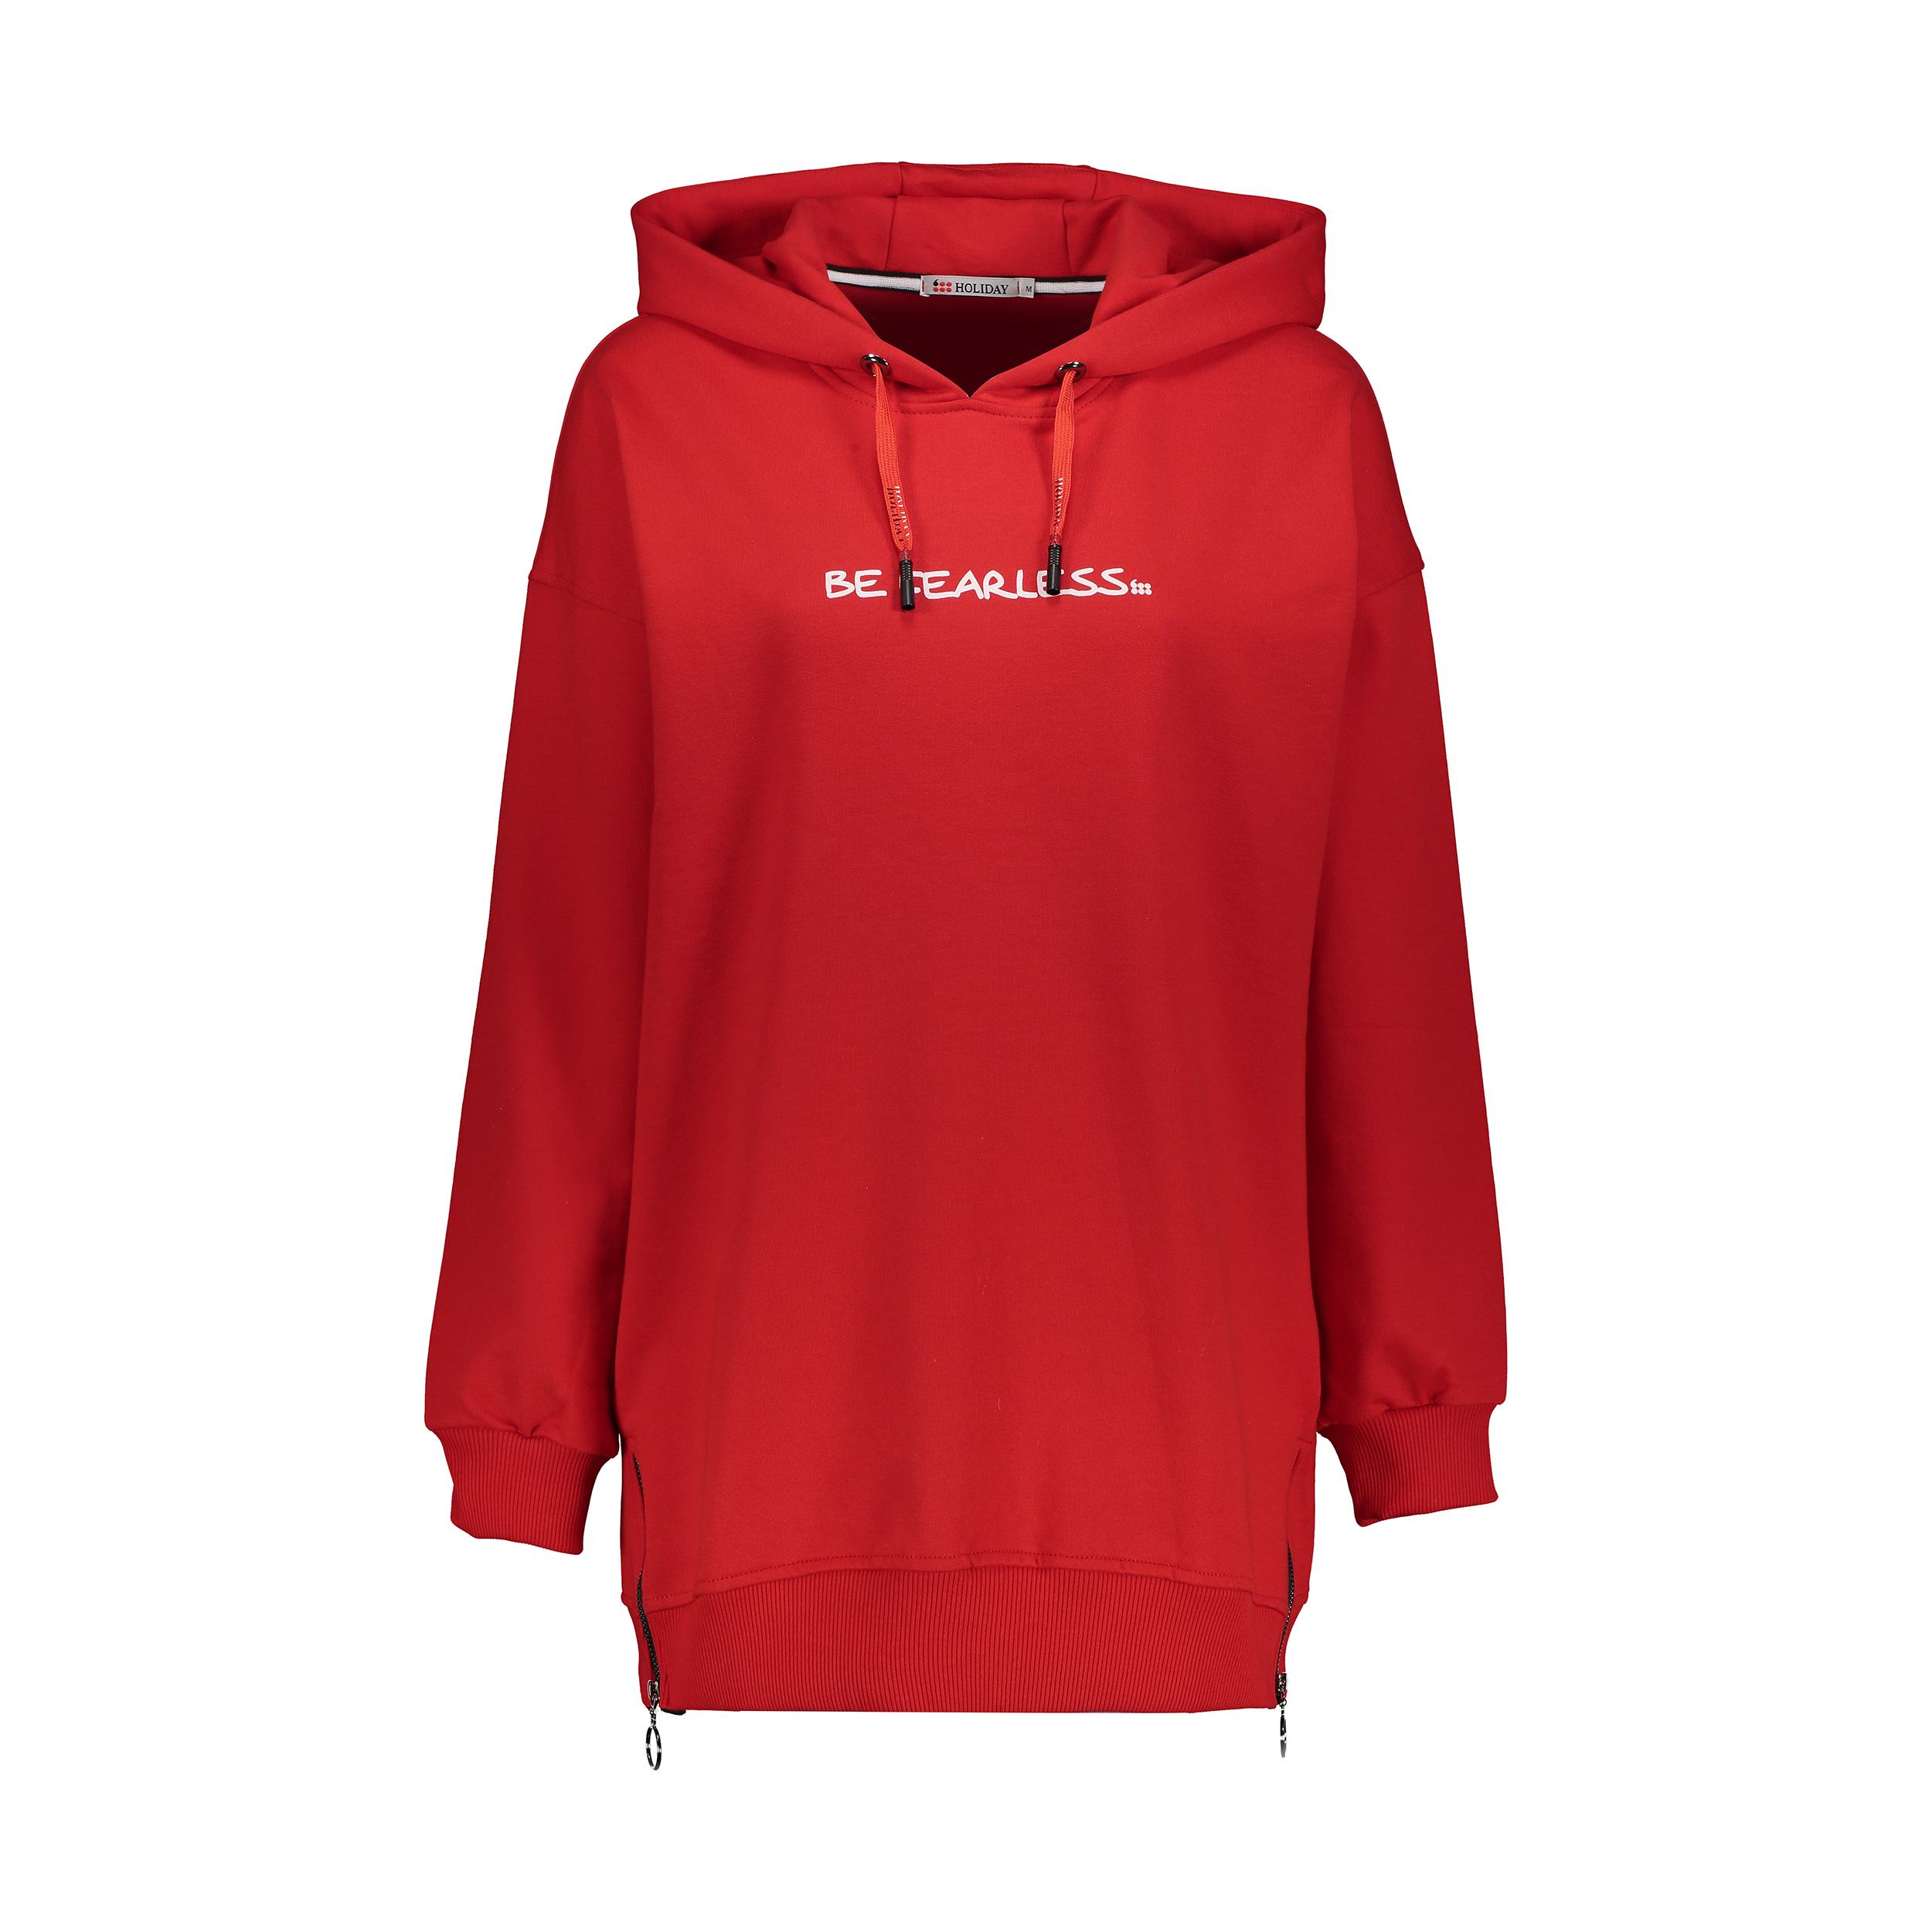 هودی ورزشی زنانه هالیدی مدل 851744-red